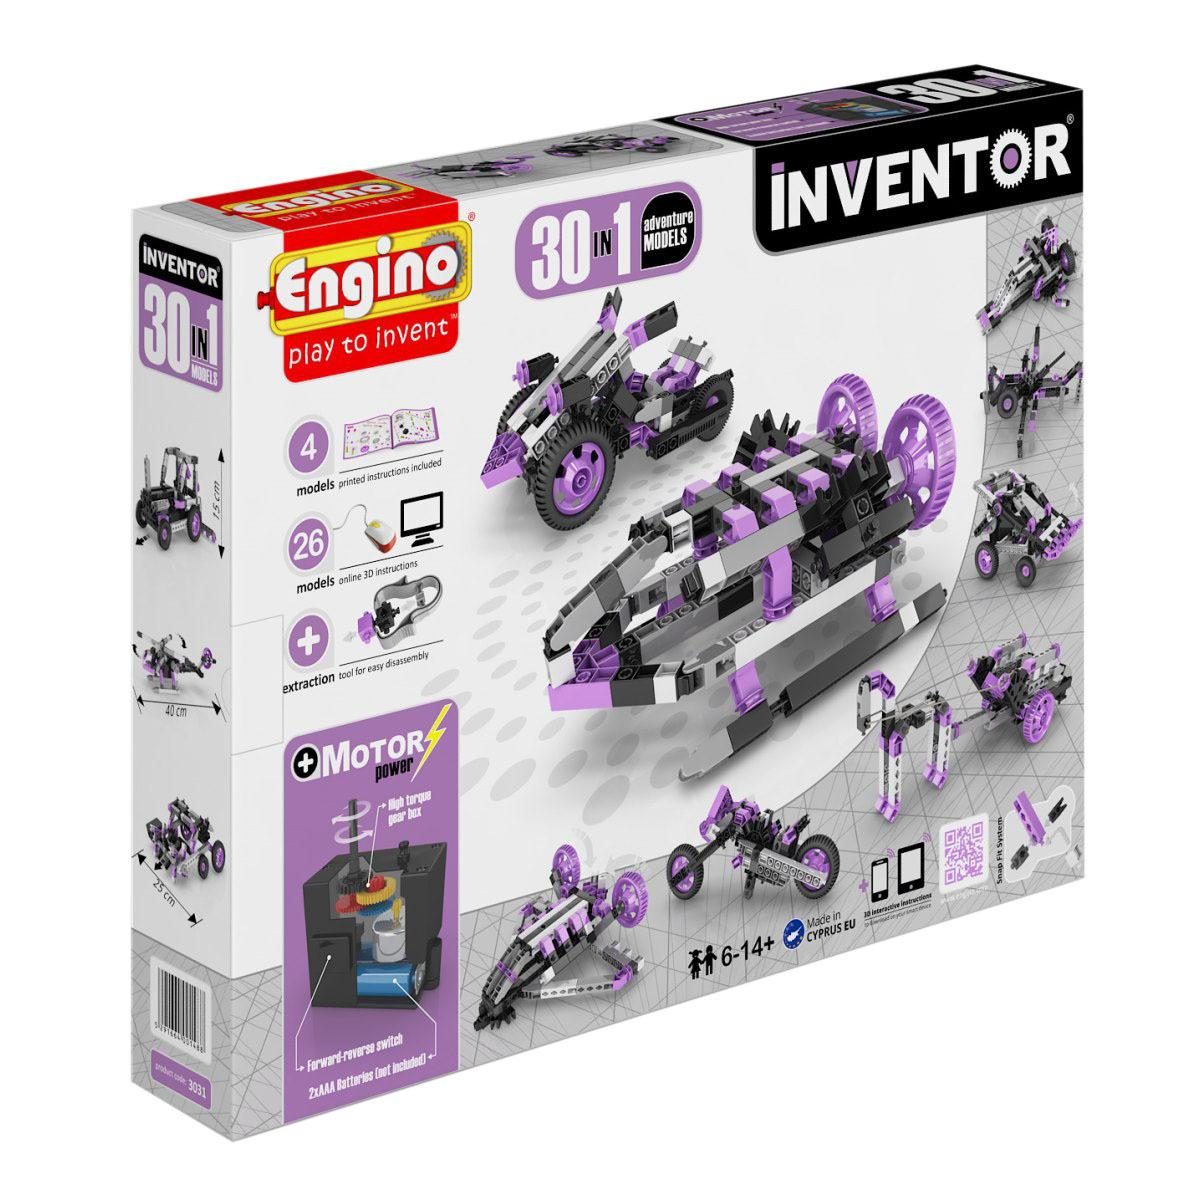 Конструктор ENGINO 3031 INVENTOR. Набор из 30 моделей с мотором. Приключения